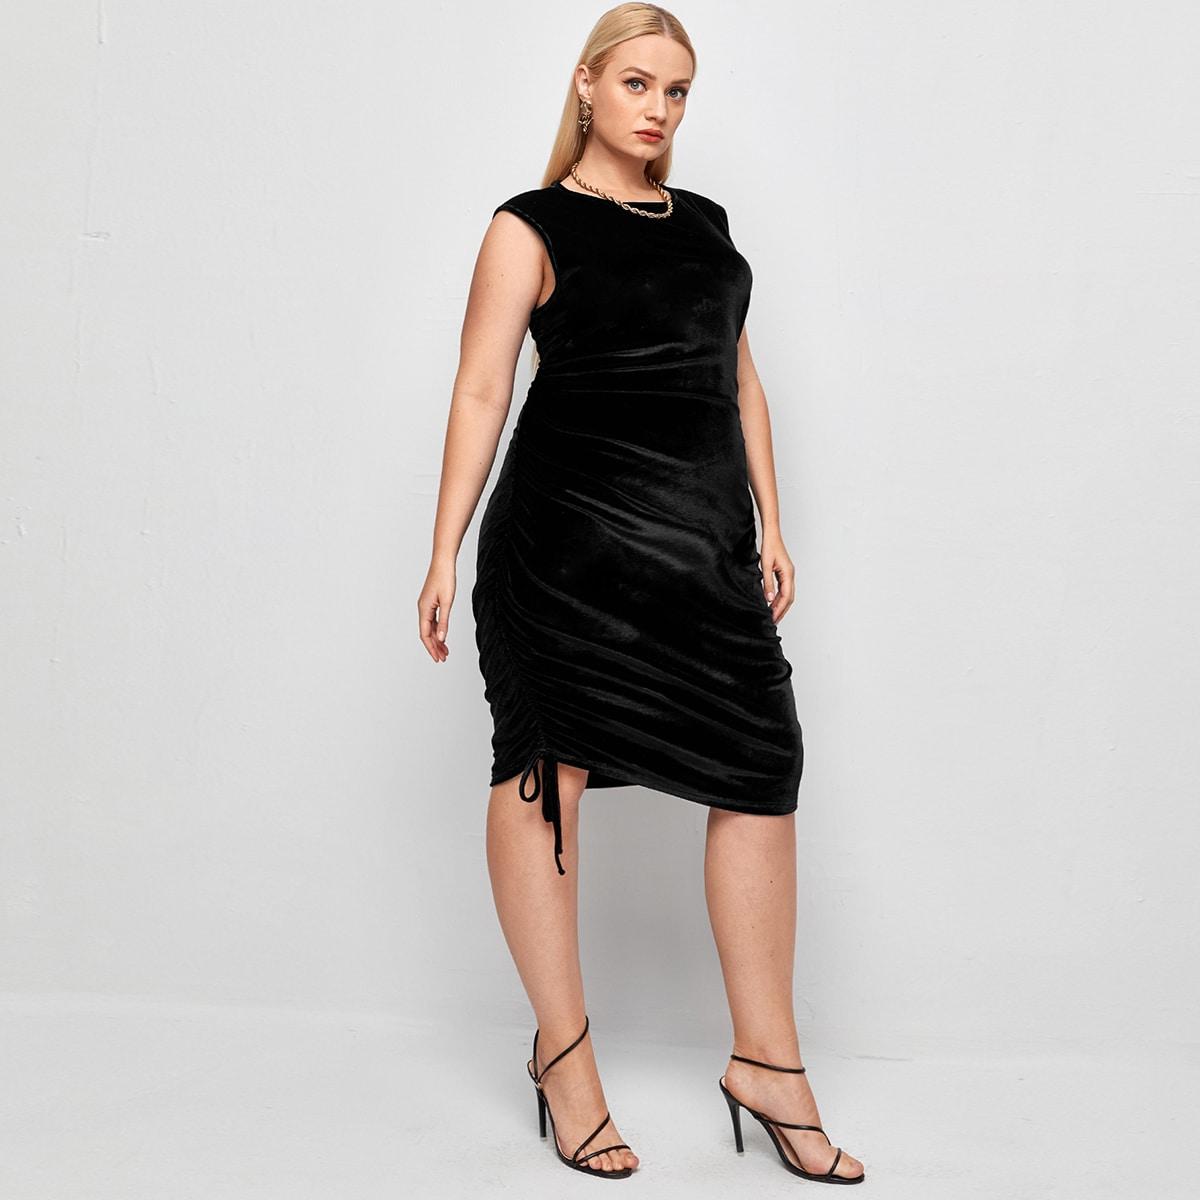 Бархатное облегающее платье размера плюс на кулиске без рукавов